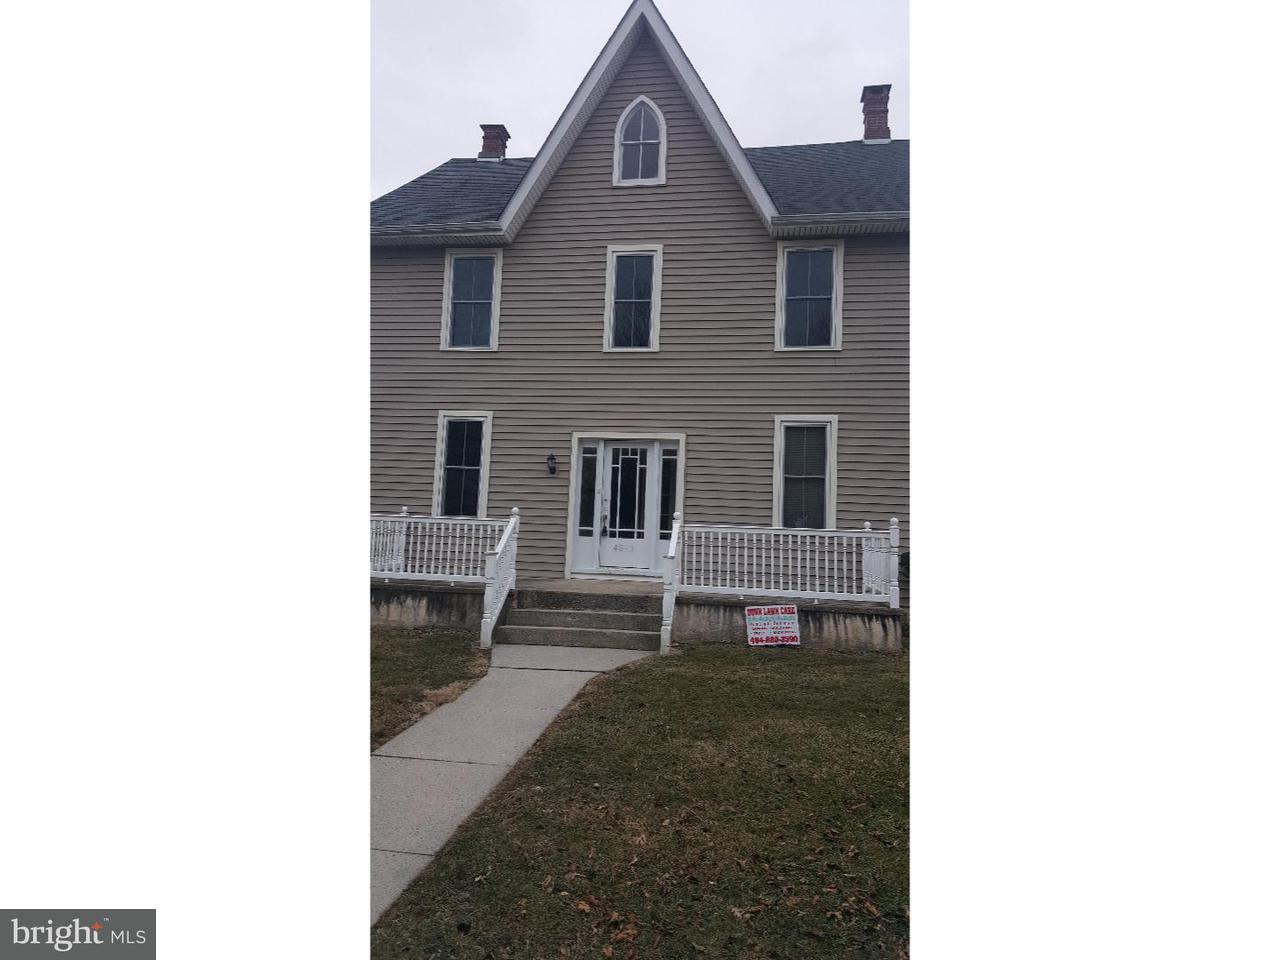 Частный односемейный дом для того Аренда на 45 N 3RD ST #APT 1 Oxford, Пенсильвания 19363 Соединенные Штаты